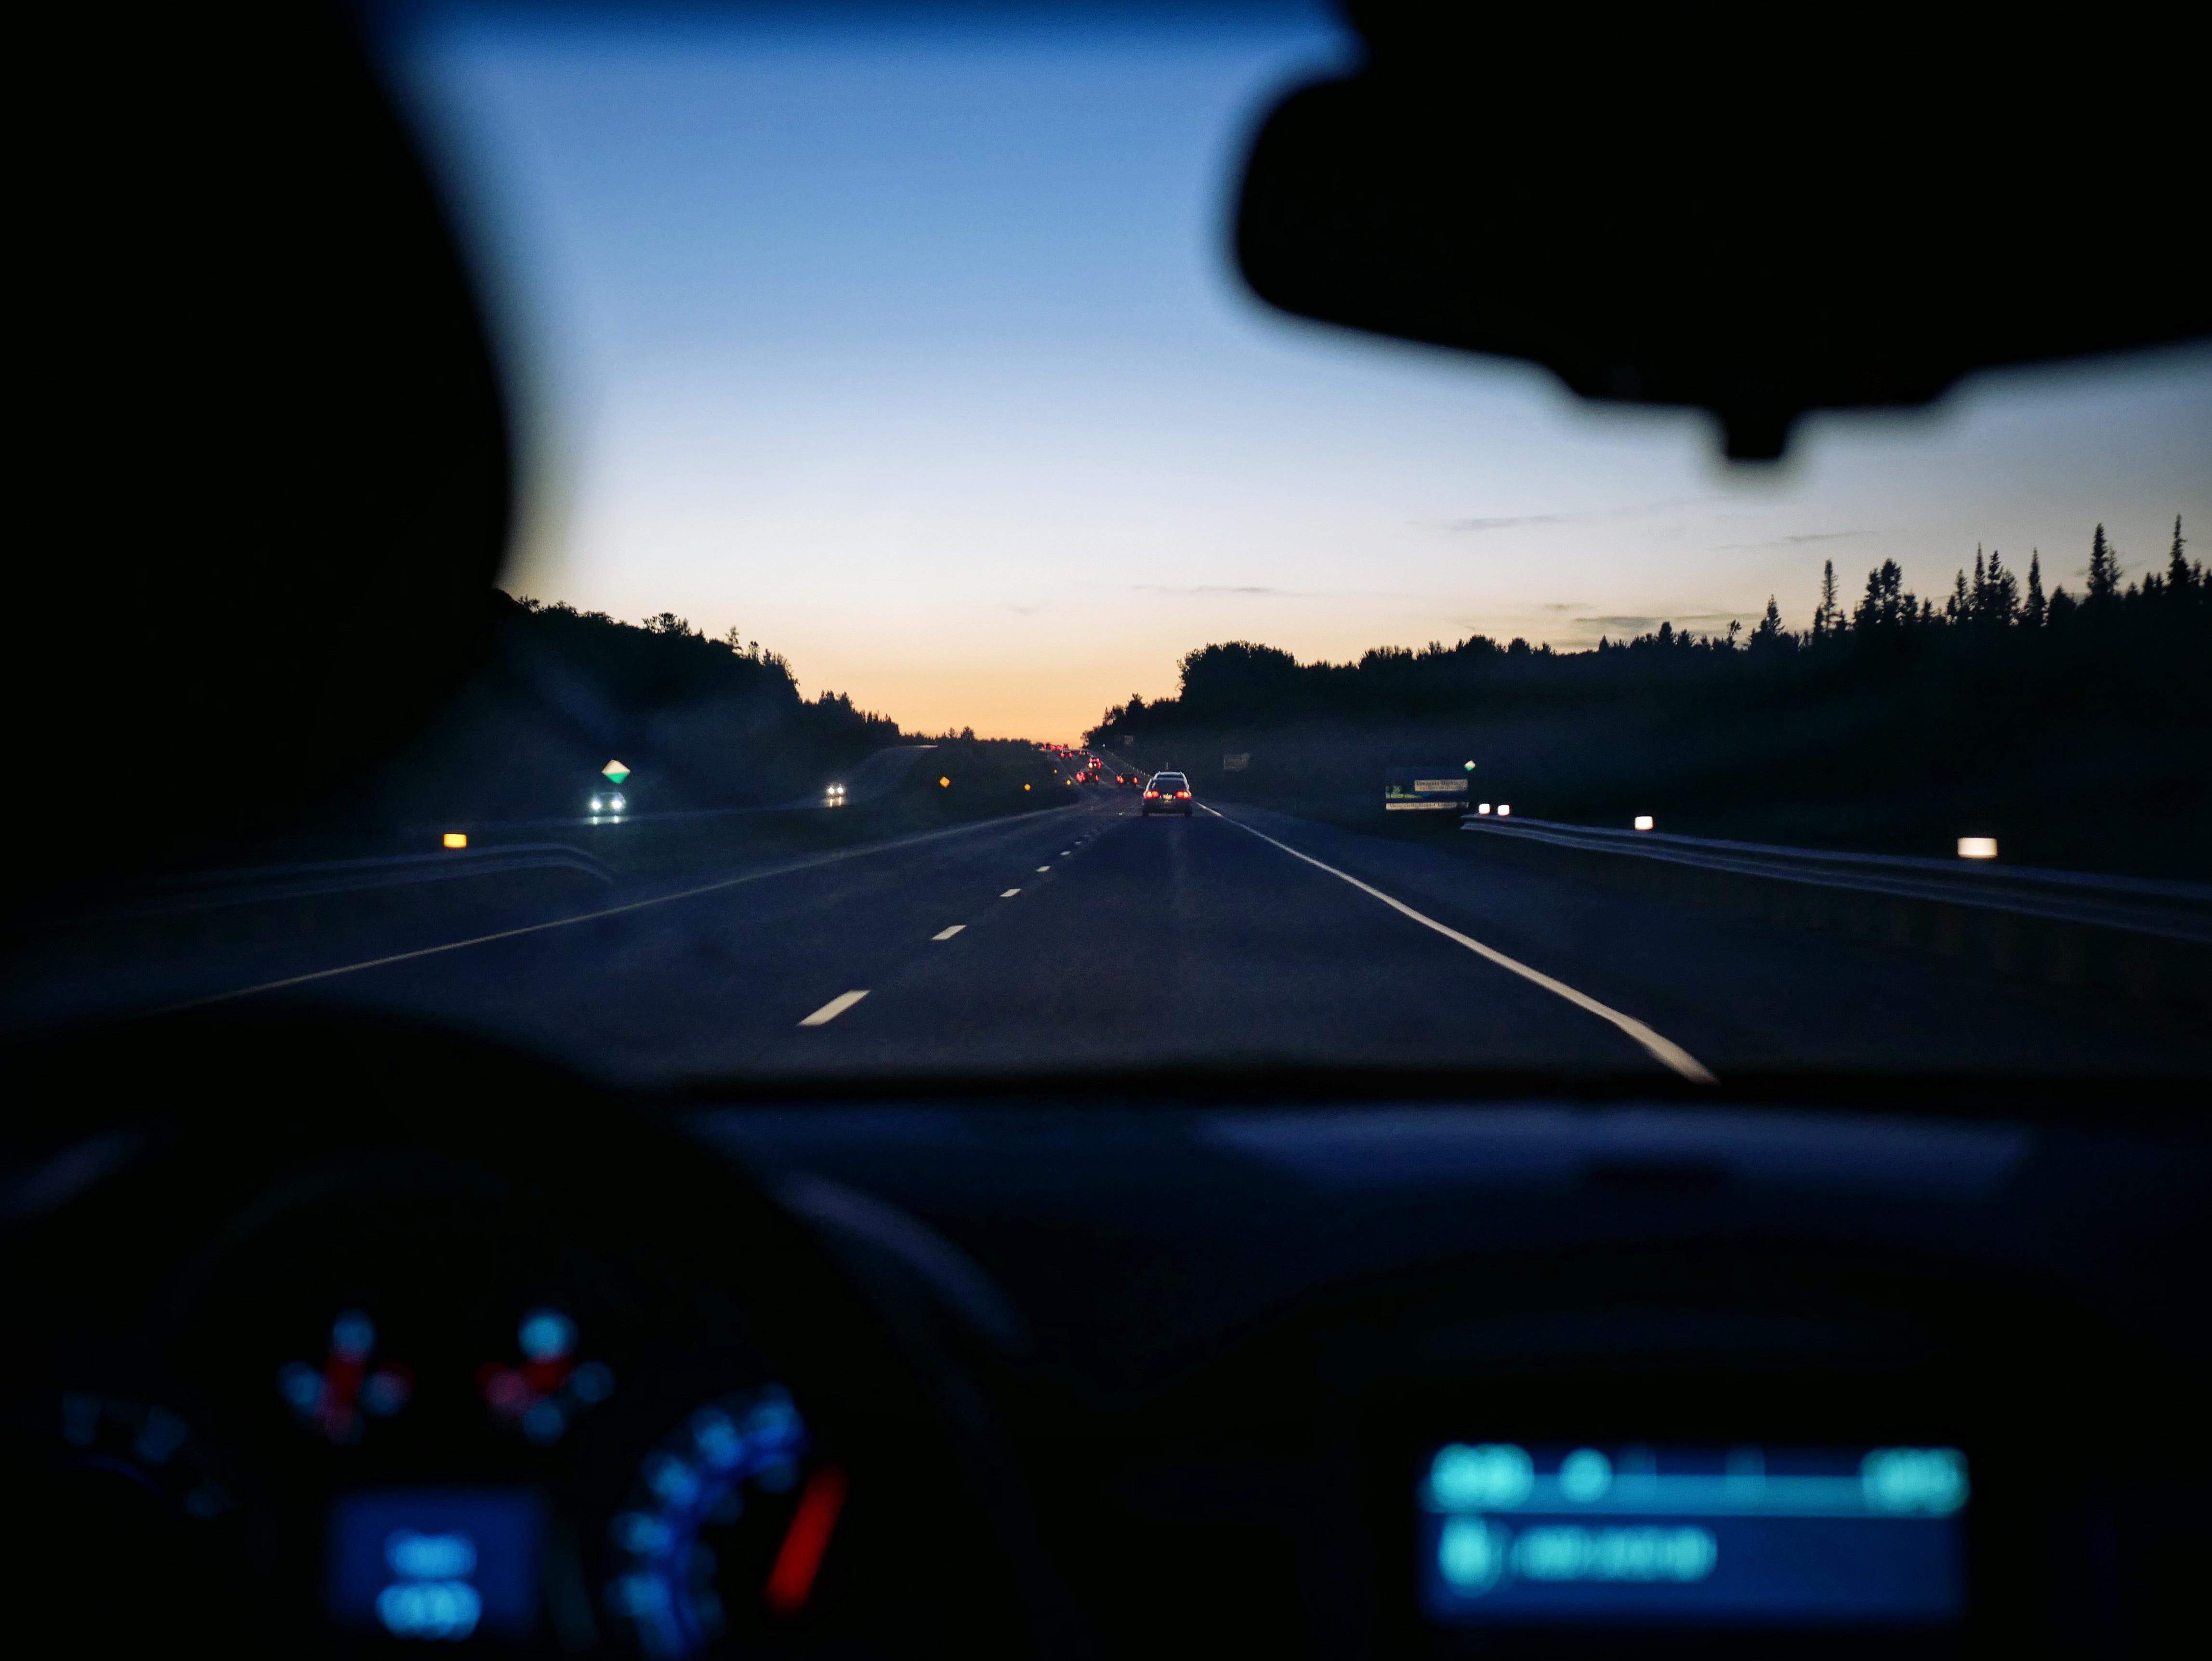 фото ночной дороги из авто мире нет ничего